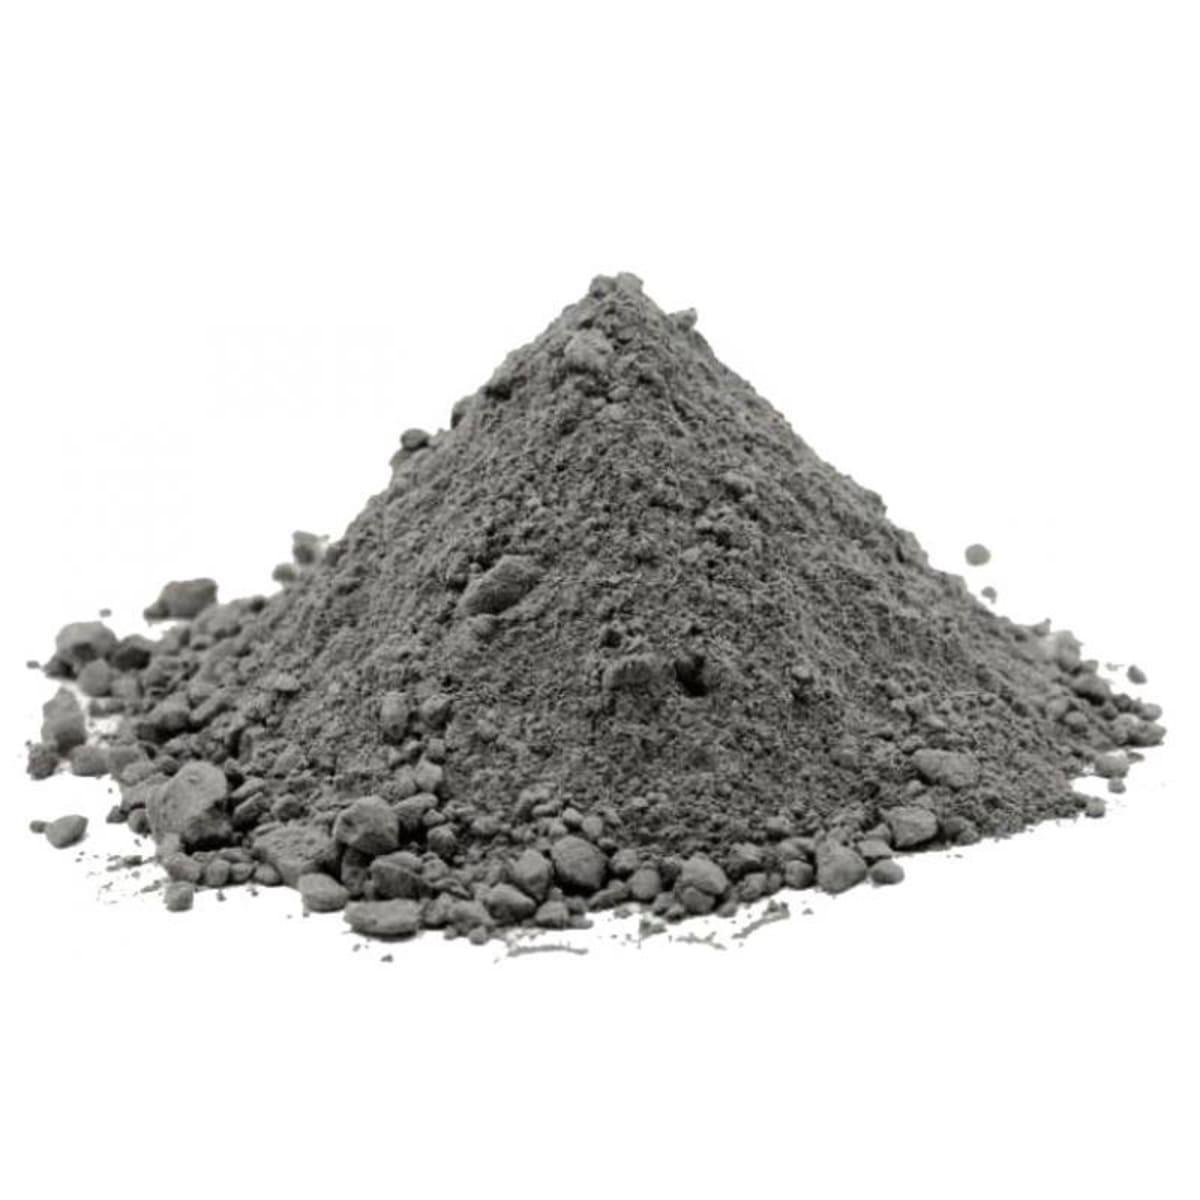 Цемент в леруа мерлен москва купить бетон в строителе